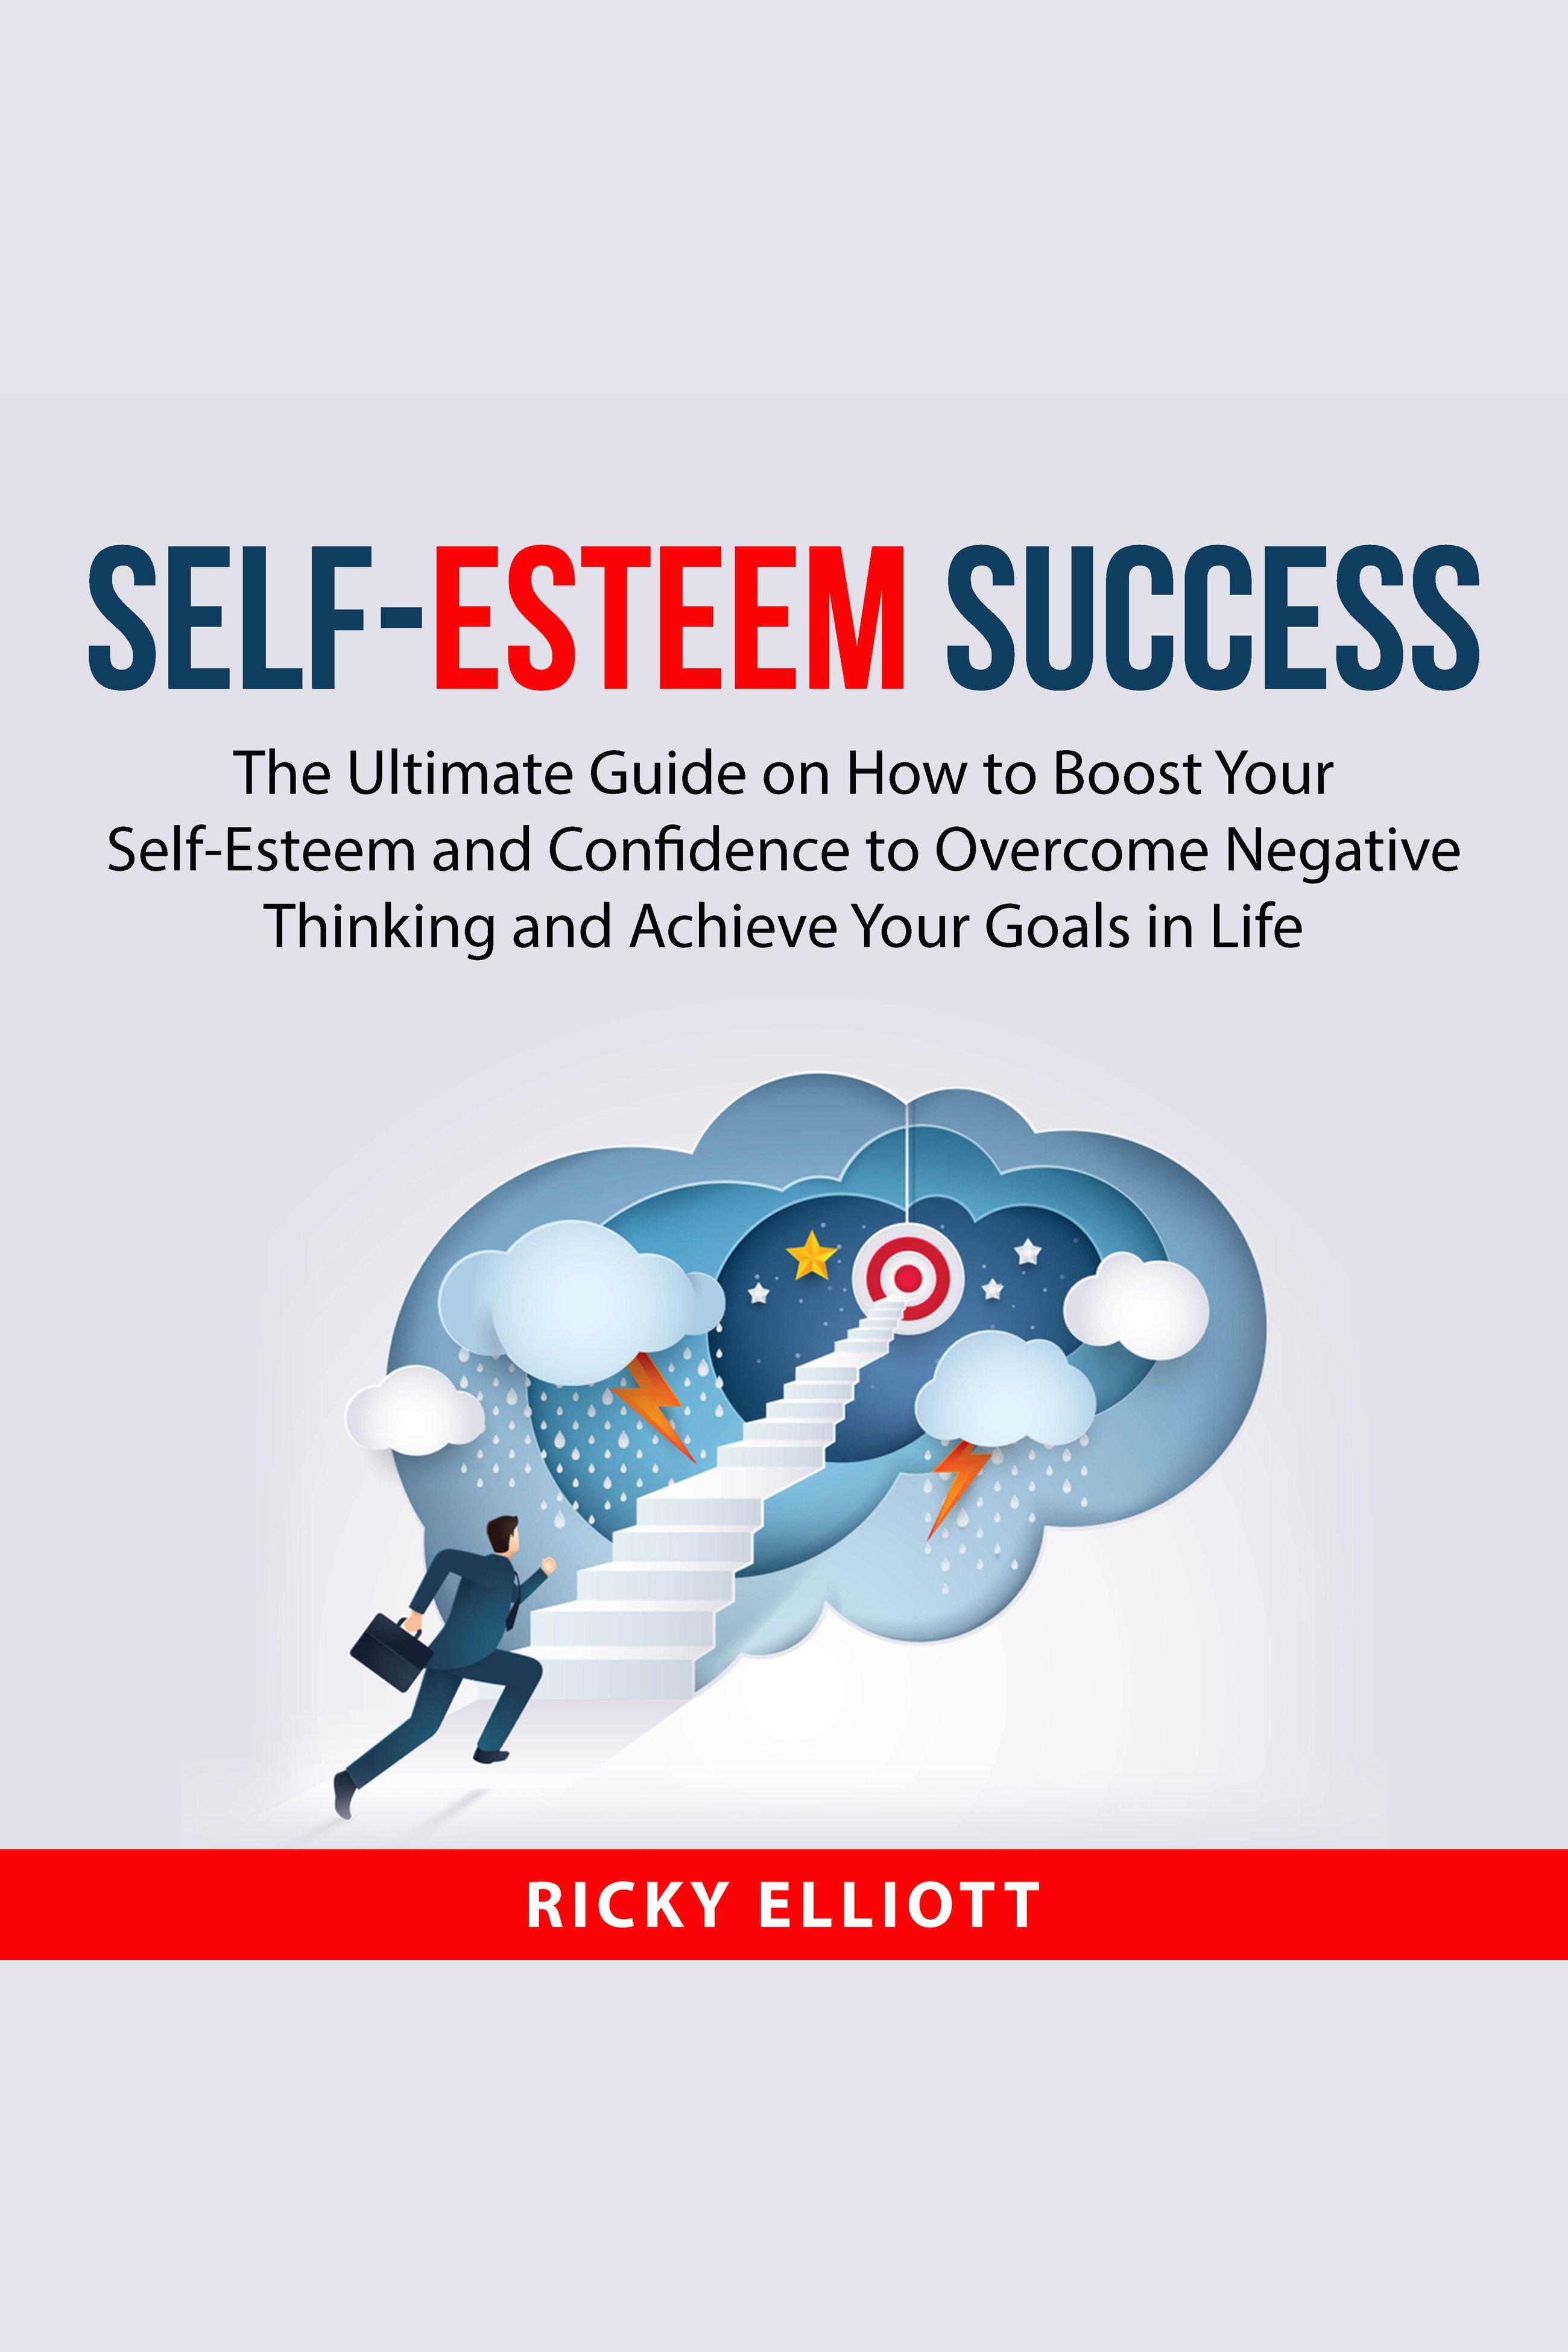 Esta es la portada del audiolibro Self-Esteem Success